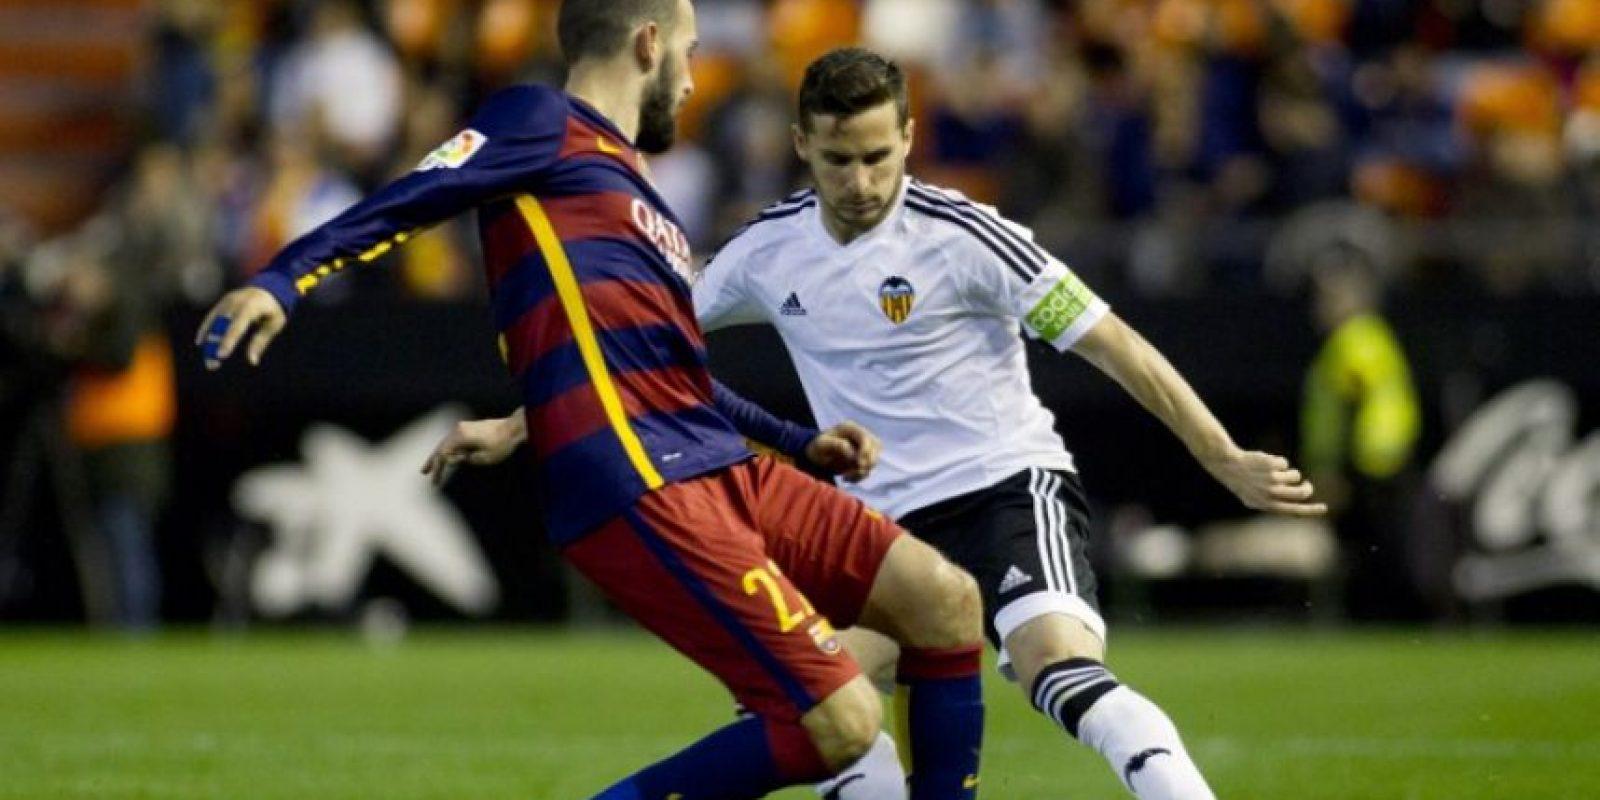 Jugadores del Valencia y el Barcelona disputan un balón en el partido de vuelta de las semifinales de la Copa del Rey 2016.